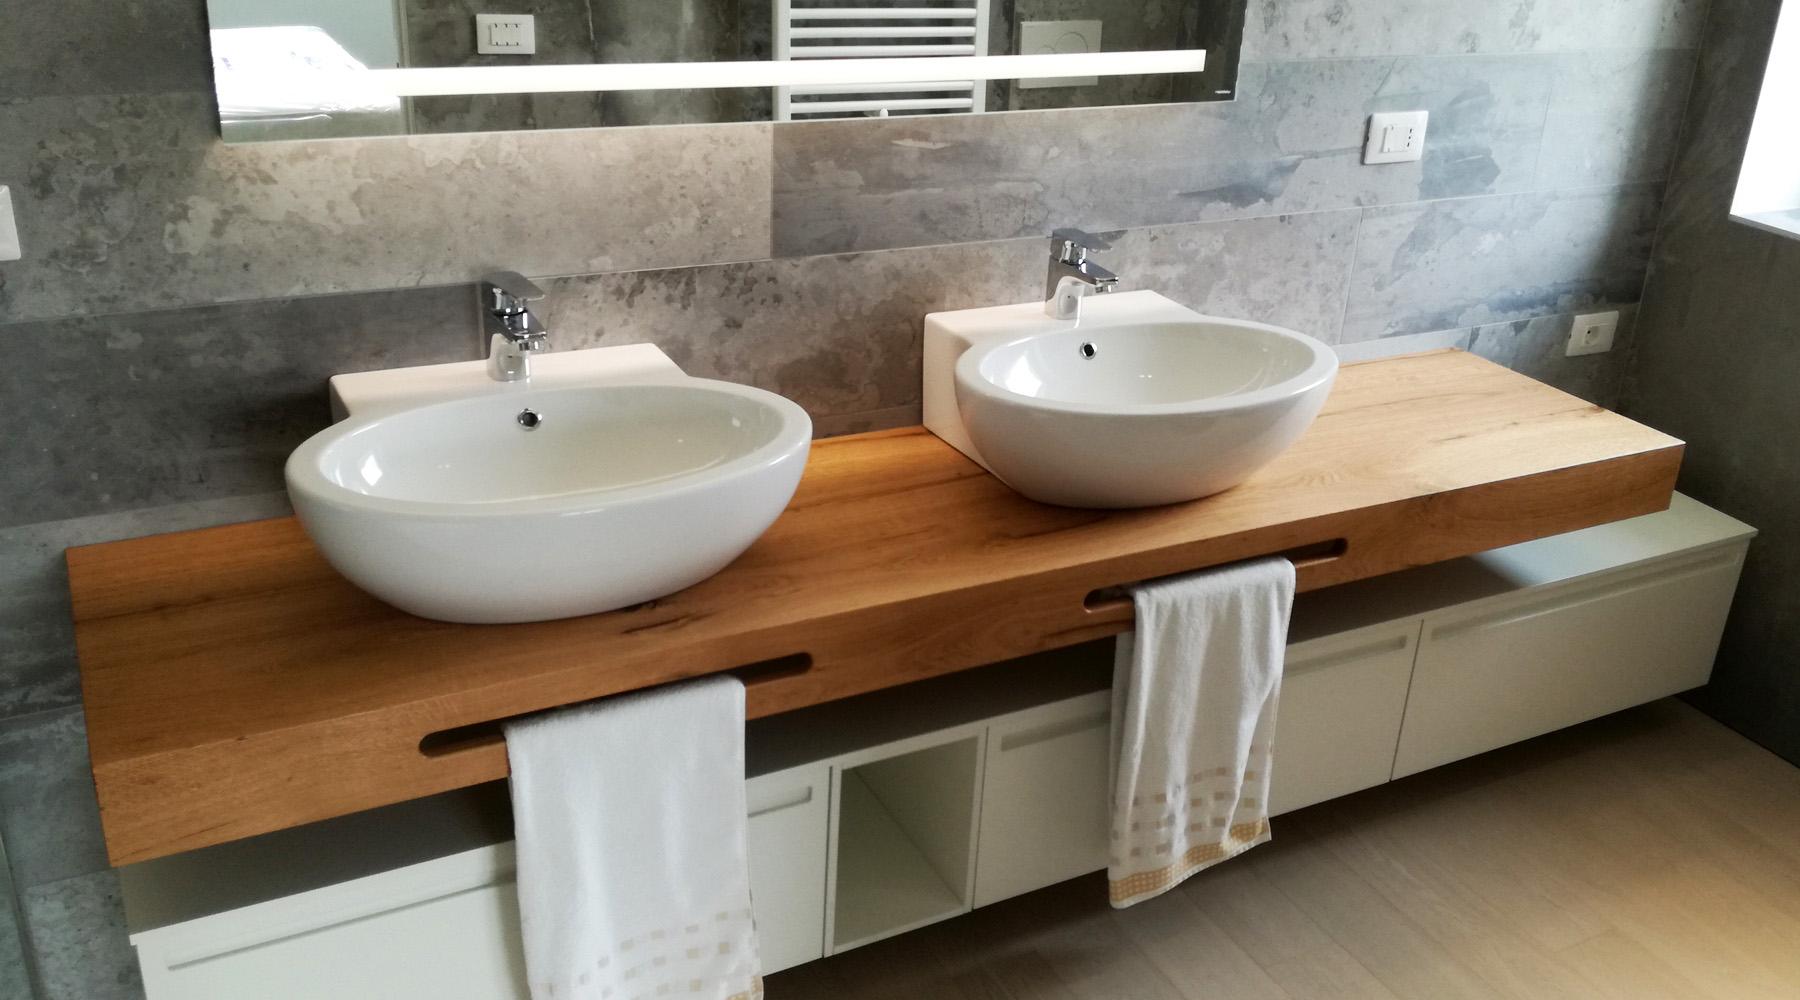 Mobile bagno doppio lavabo con mensola in legno arredamenti barin